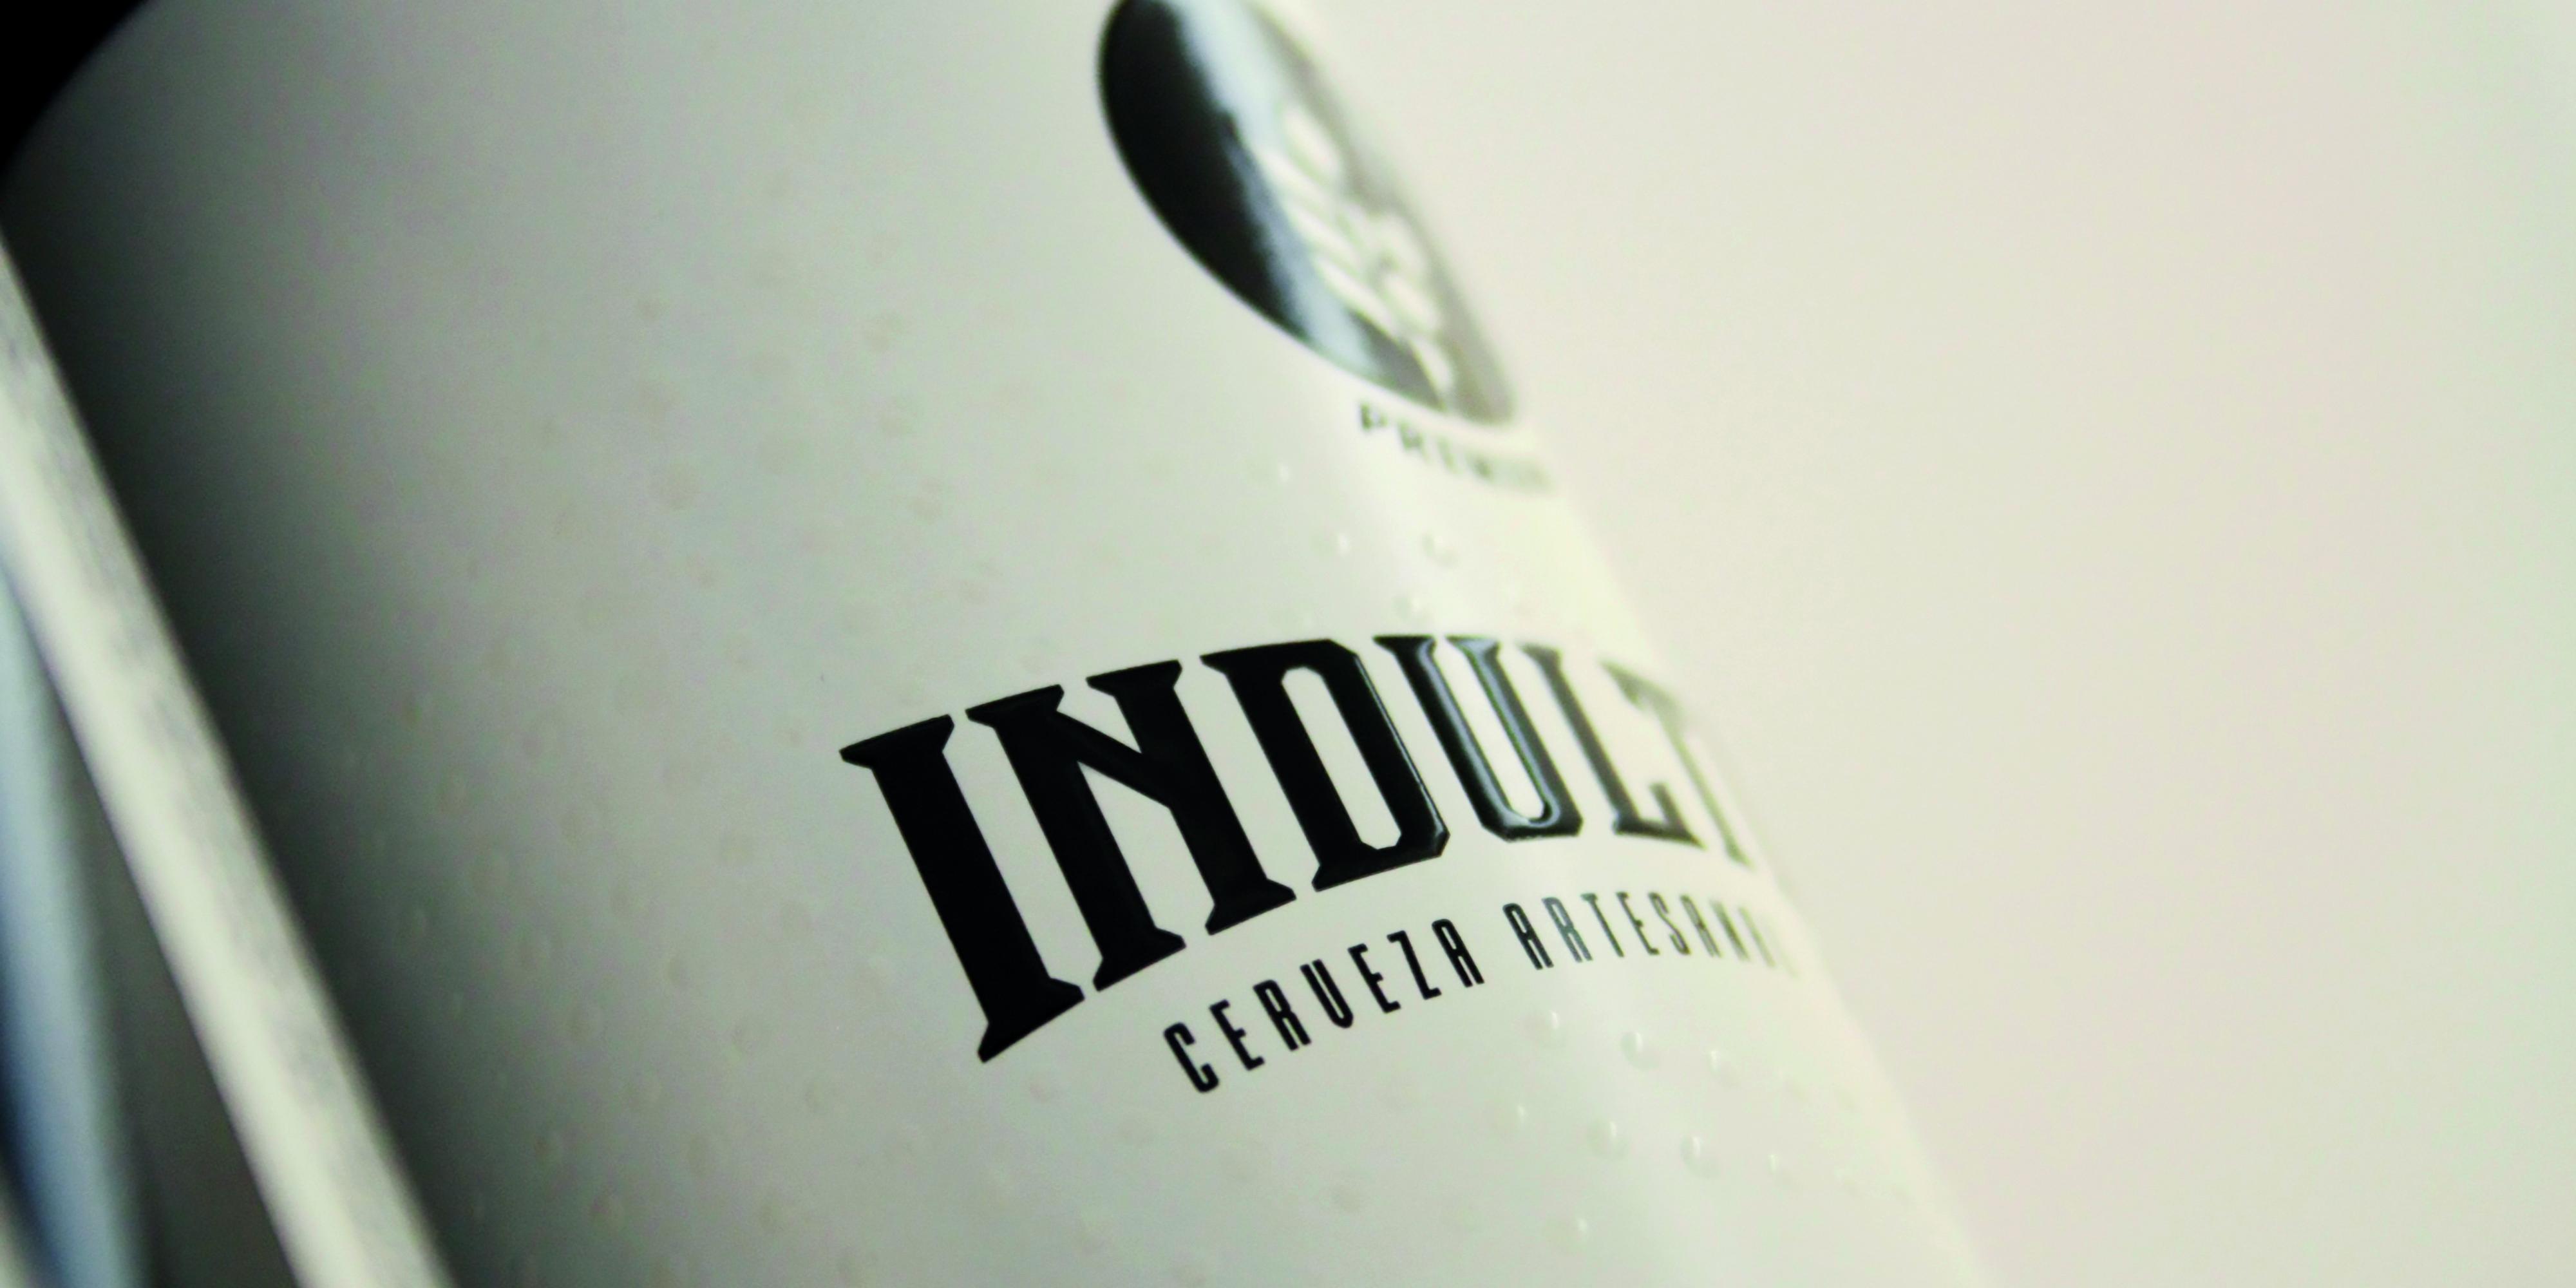 diseño etiqueta cerveza españa